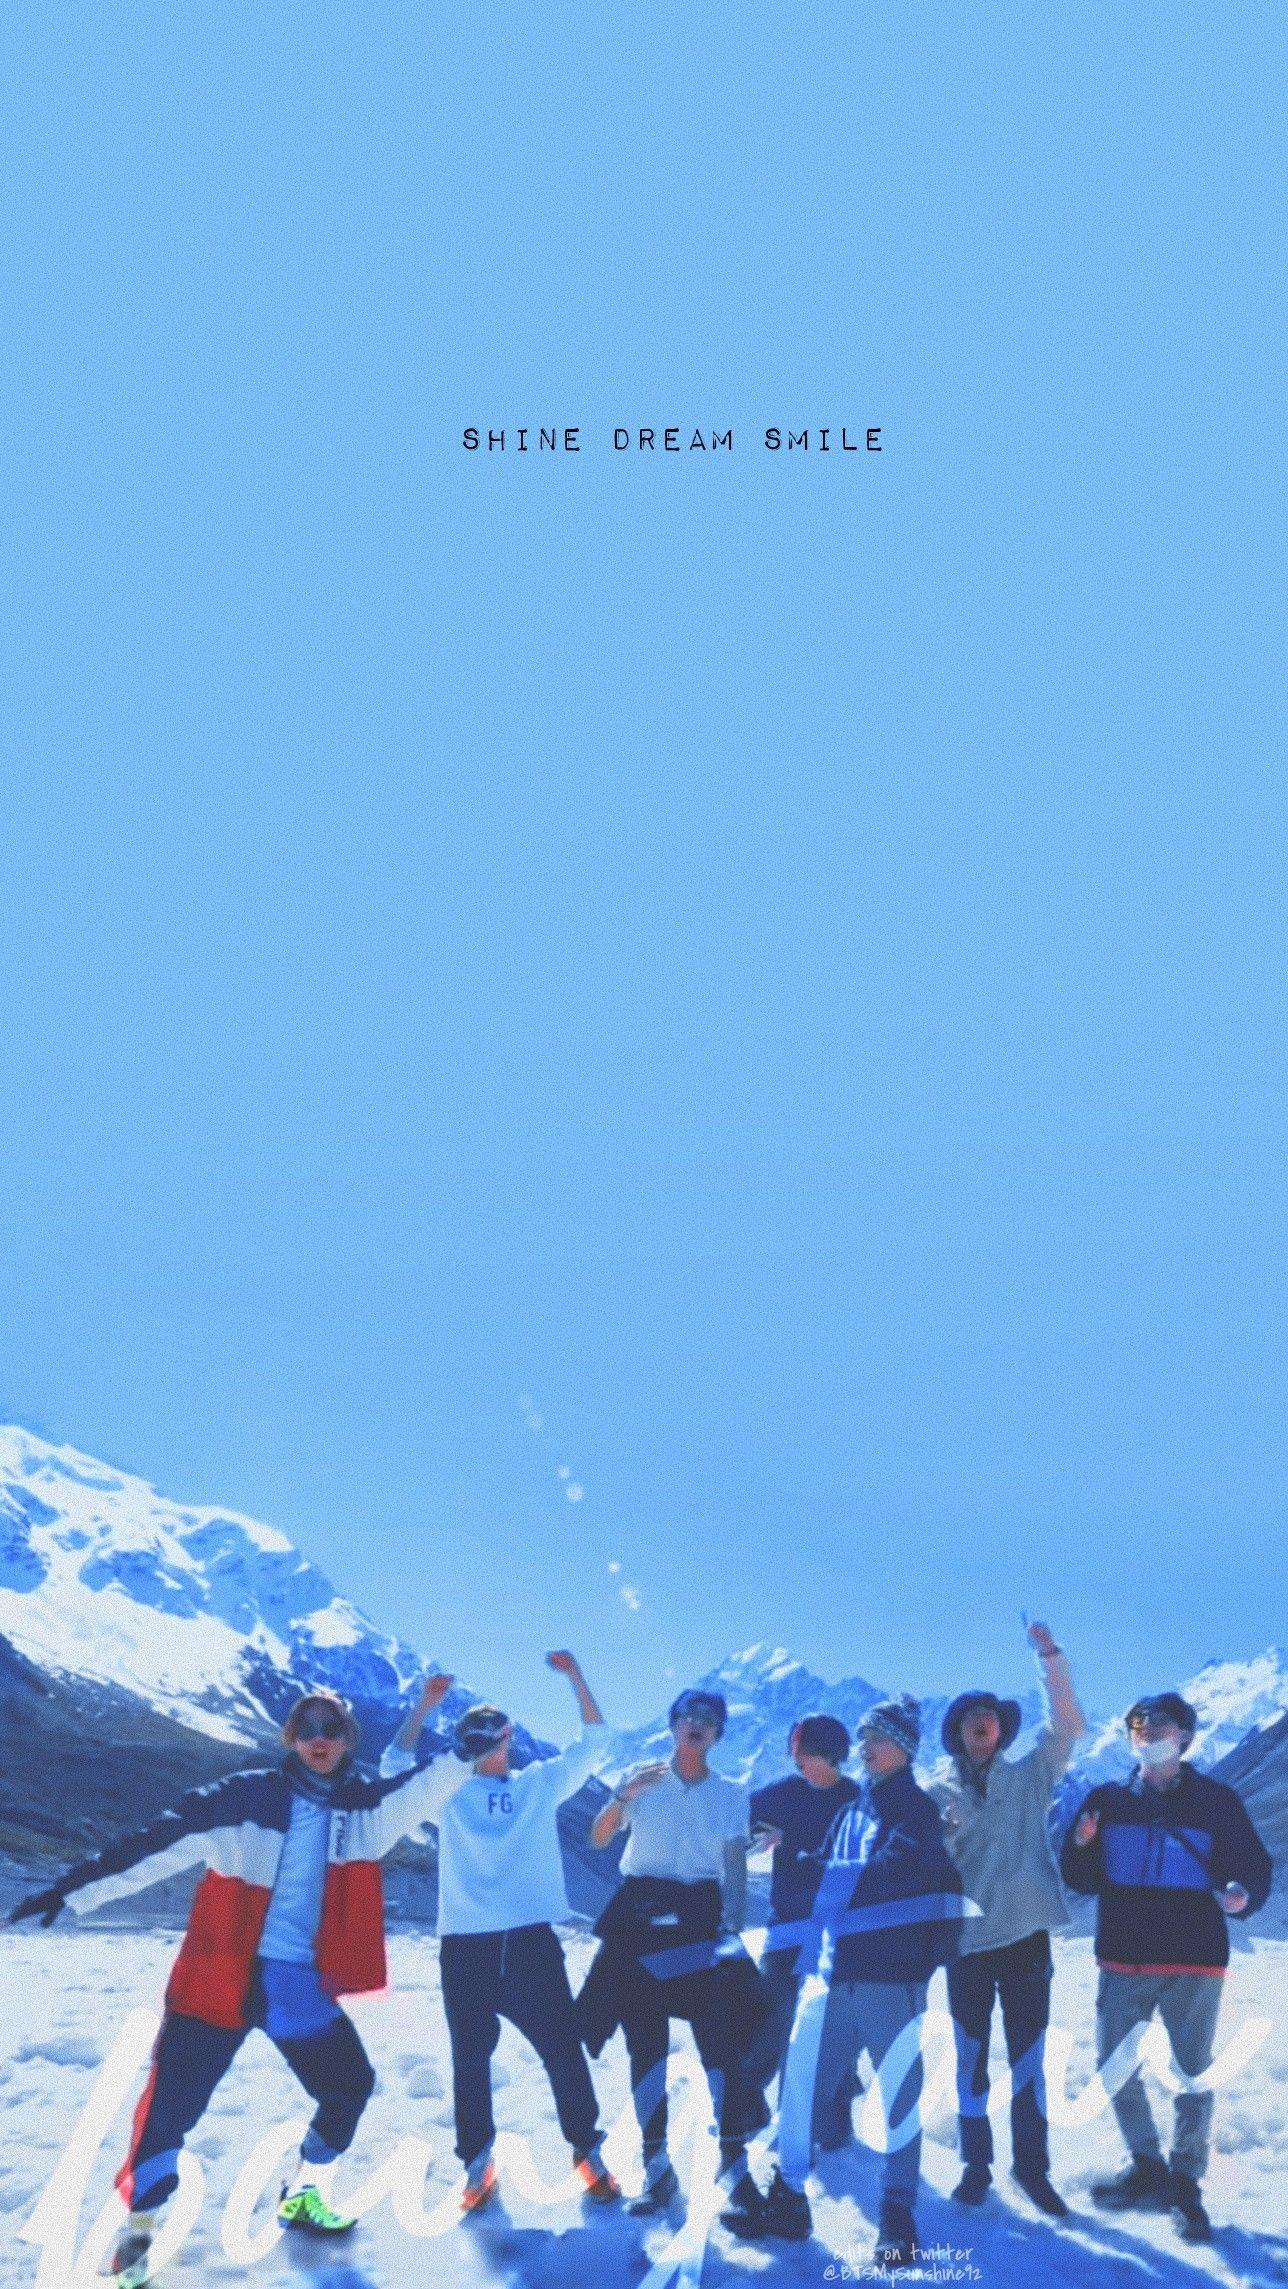 Bts Bon Voyage Season 4 Preview Bts Bon Voyage Bts Wallpaper Album Bts Bts bon voyage wallpaper tumblr